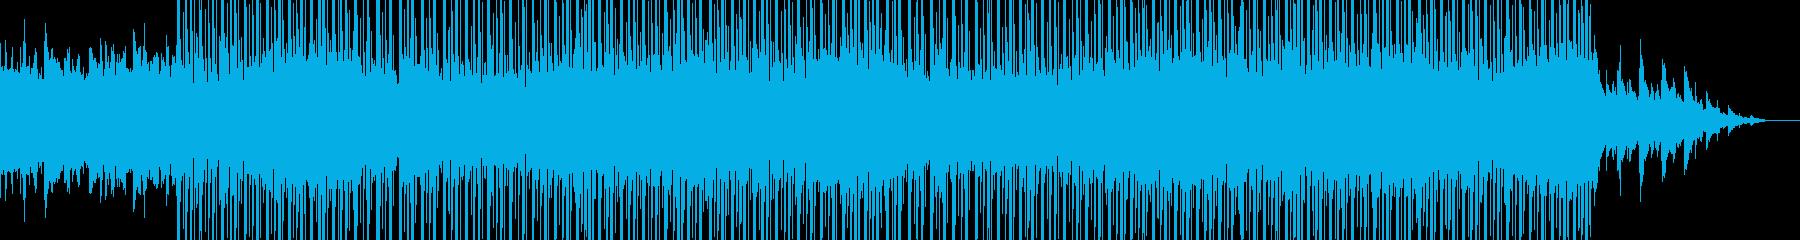 壮大なトラップビートの再生済みの波形